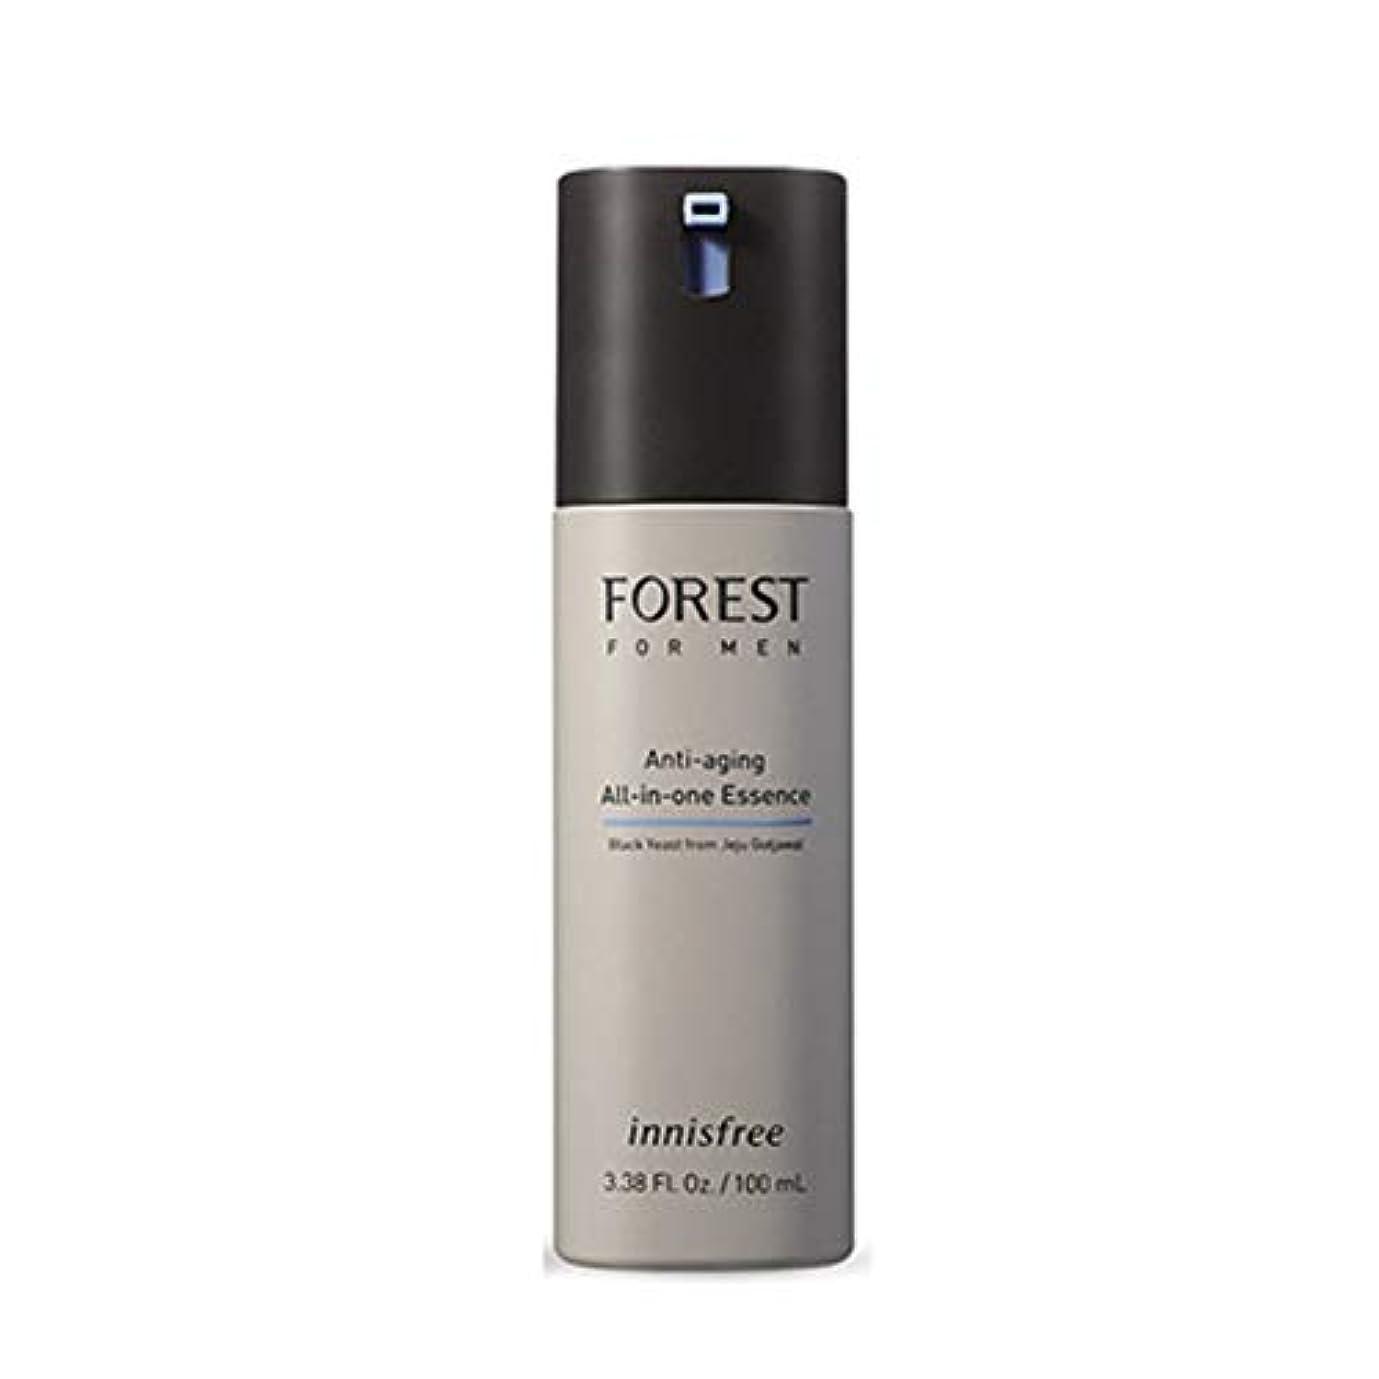 セッション新しさセグメントイニスフリーフォレストフォーメンオールインワンエッセンス100ml 4タイプメンズコスメ韓国コスメ、innisfree Forest for Men All-in-one Essence 100ml 4 Types Korean...